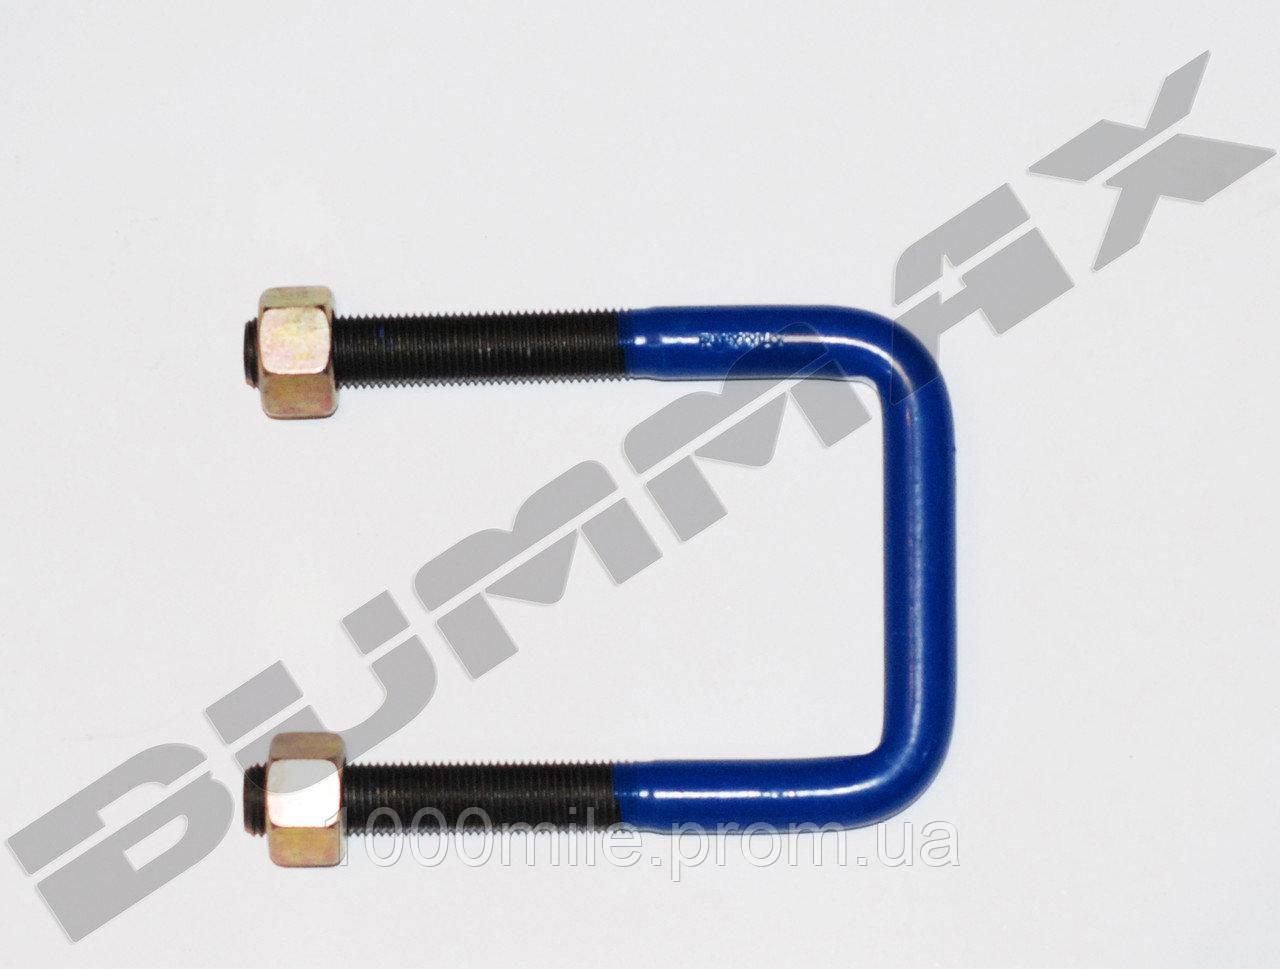 Стремянка (3) рессоры с гайкой на M14x1,5x71x120 IVECO  9873612019 - BUMMAX  - BMT00292 W/N